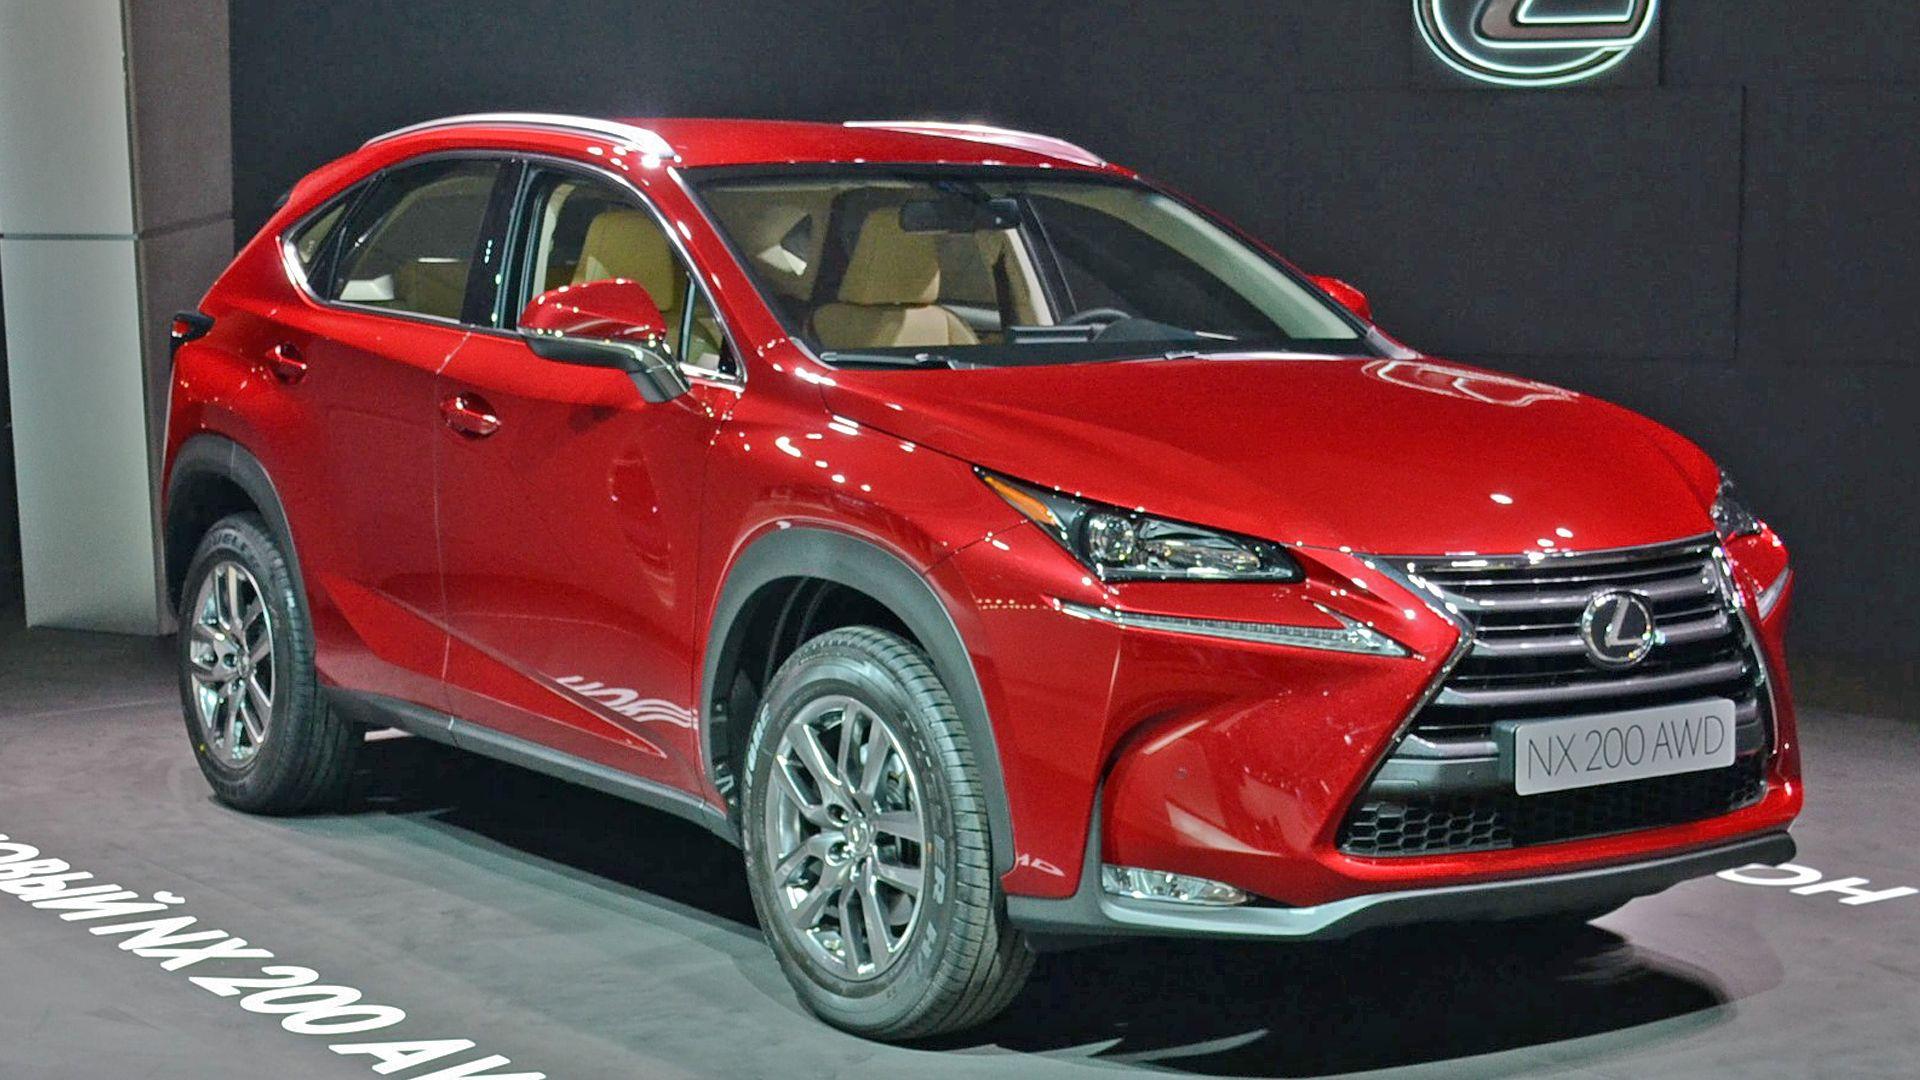 2019 Lexus Nx 200 First Pictures Lexus Lexus Nx 200t Lexus Suv